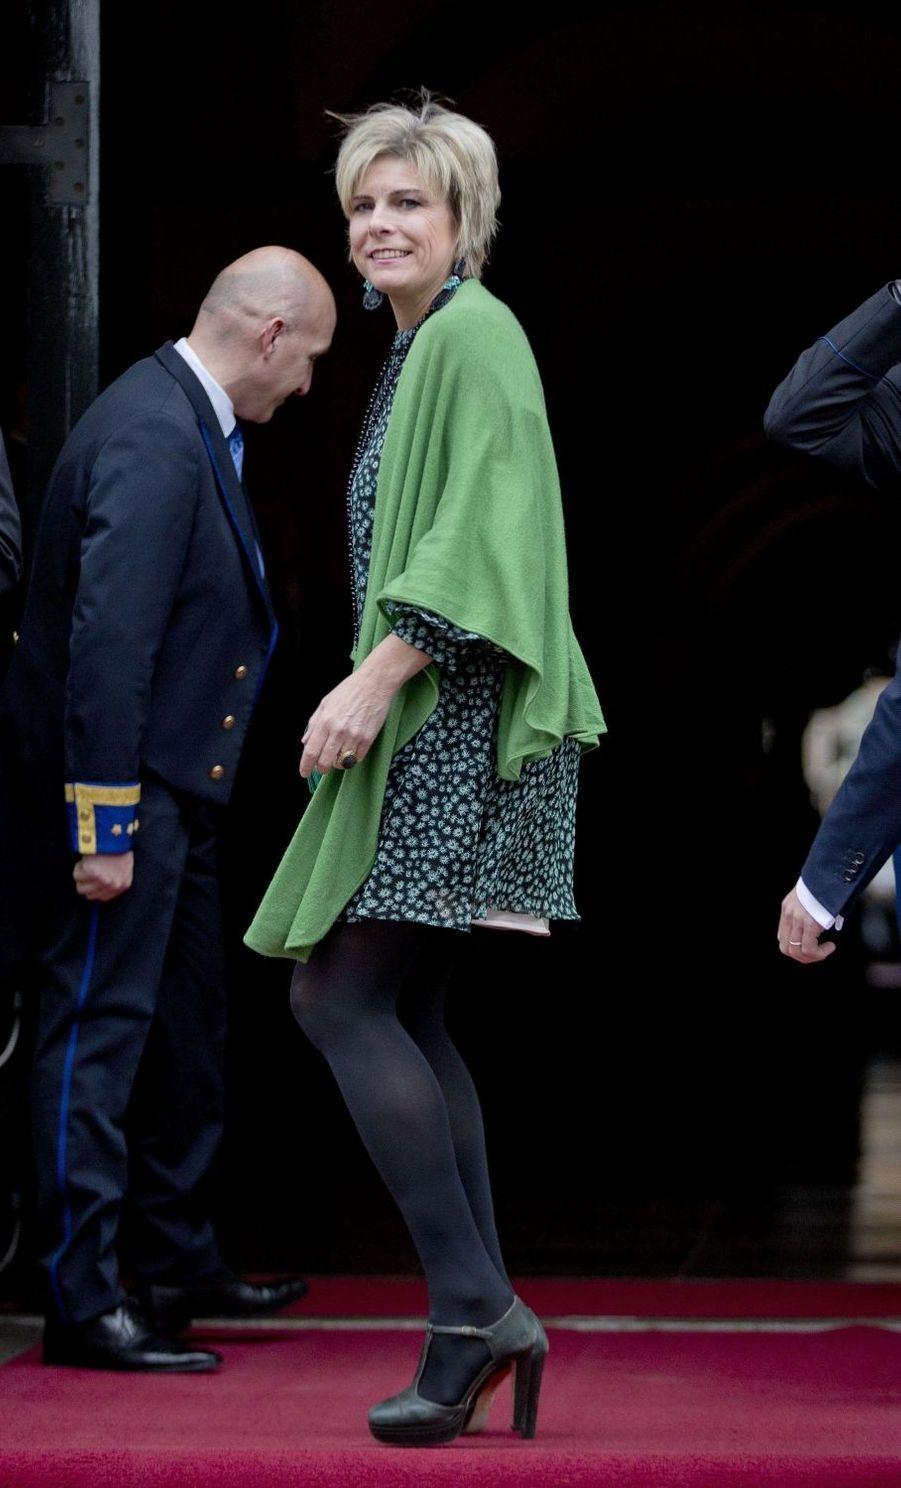 La princesse Laurentien des Pays-Bas à Amsterdam, le 6 décembre 2017